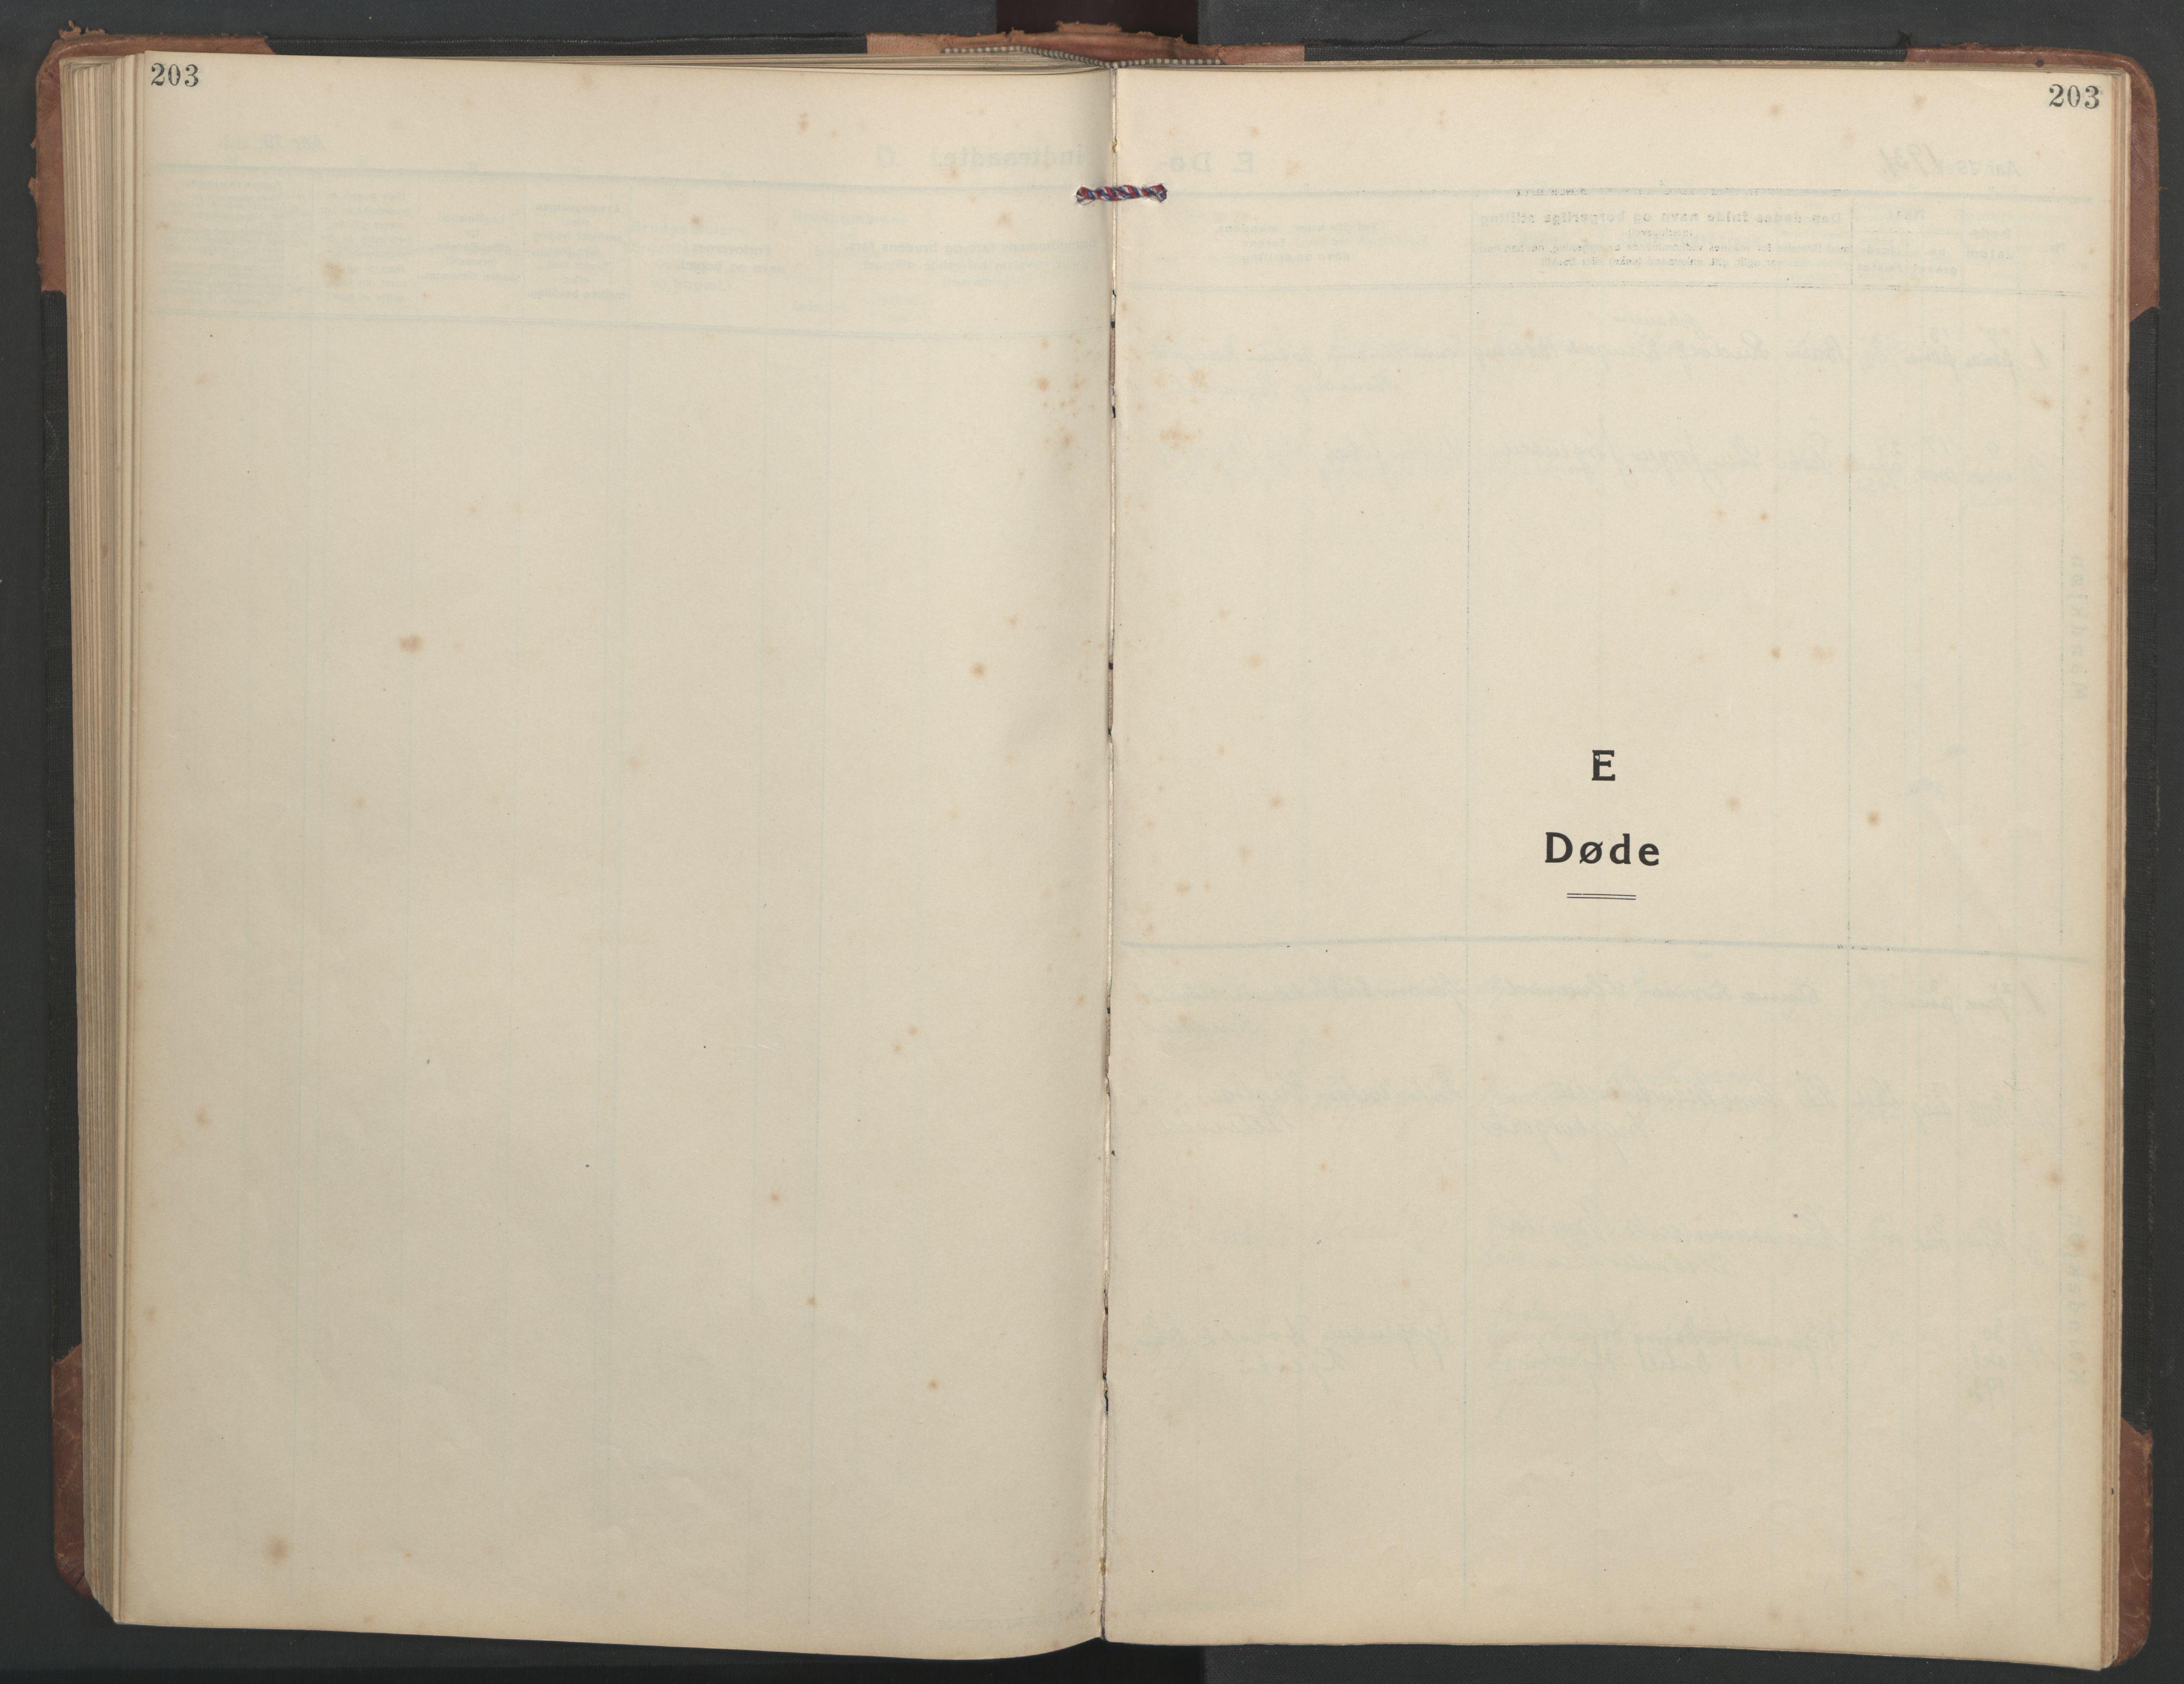 SAT, Ministerialprotokoller, klokkerbøker og fødselsregistre - Sør-Trøndelag, 638/L0569: Klokkerbok nr. 638C01, 1923-1961, s. 203